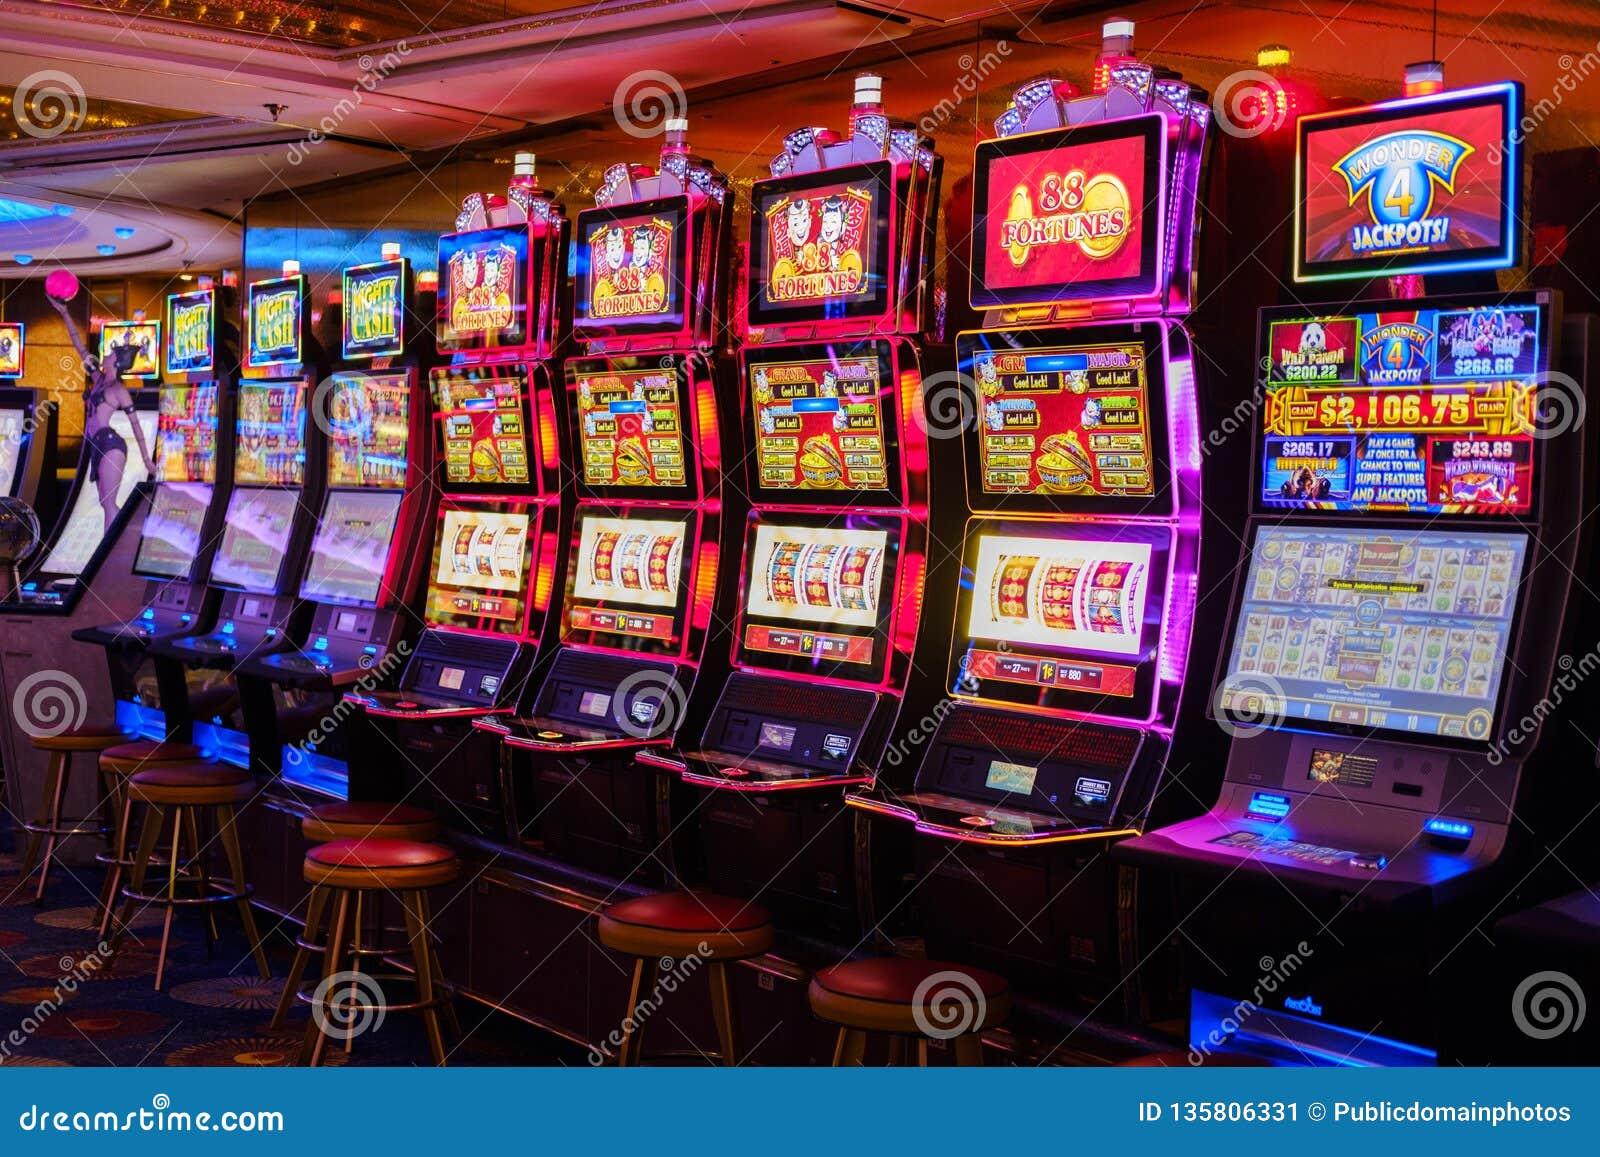 St charles louisiana casinos